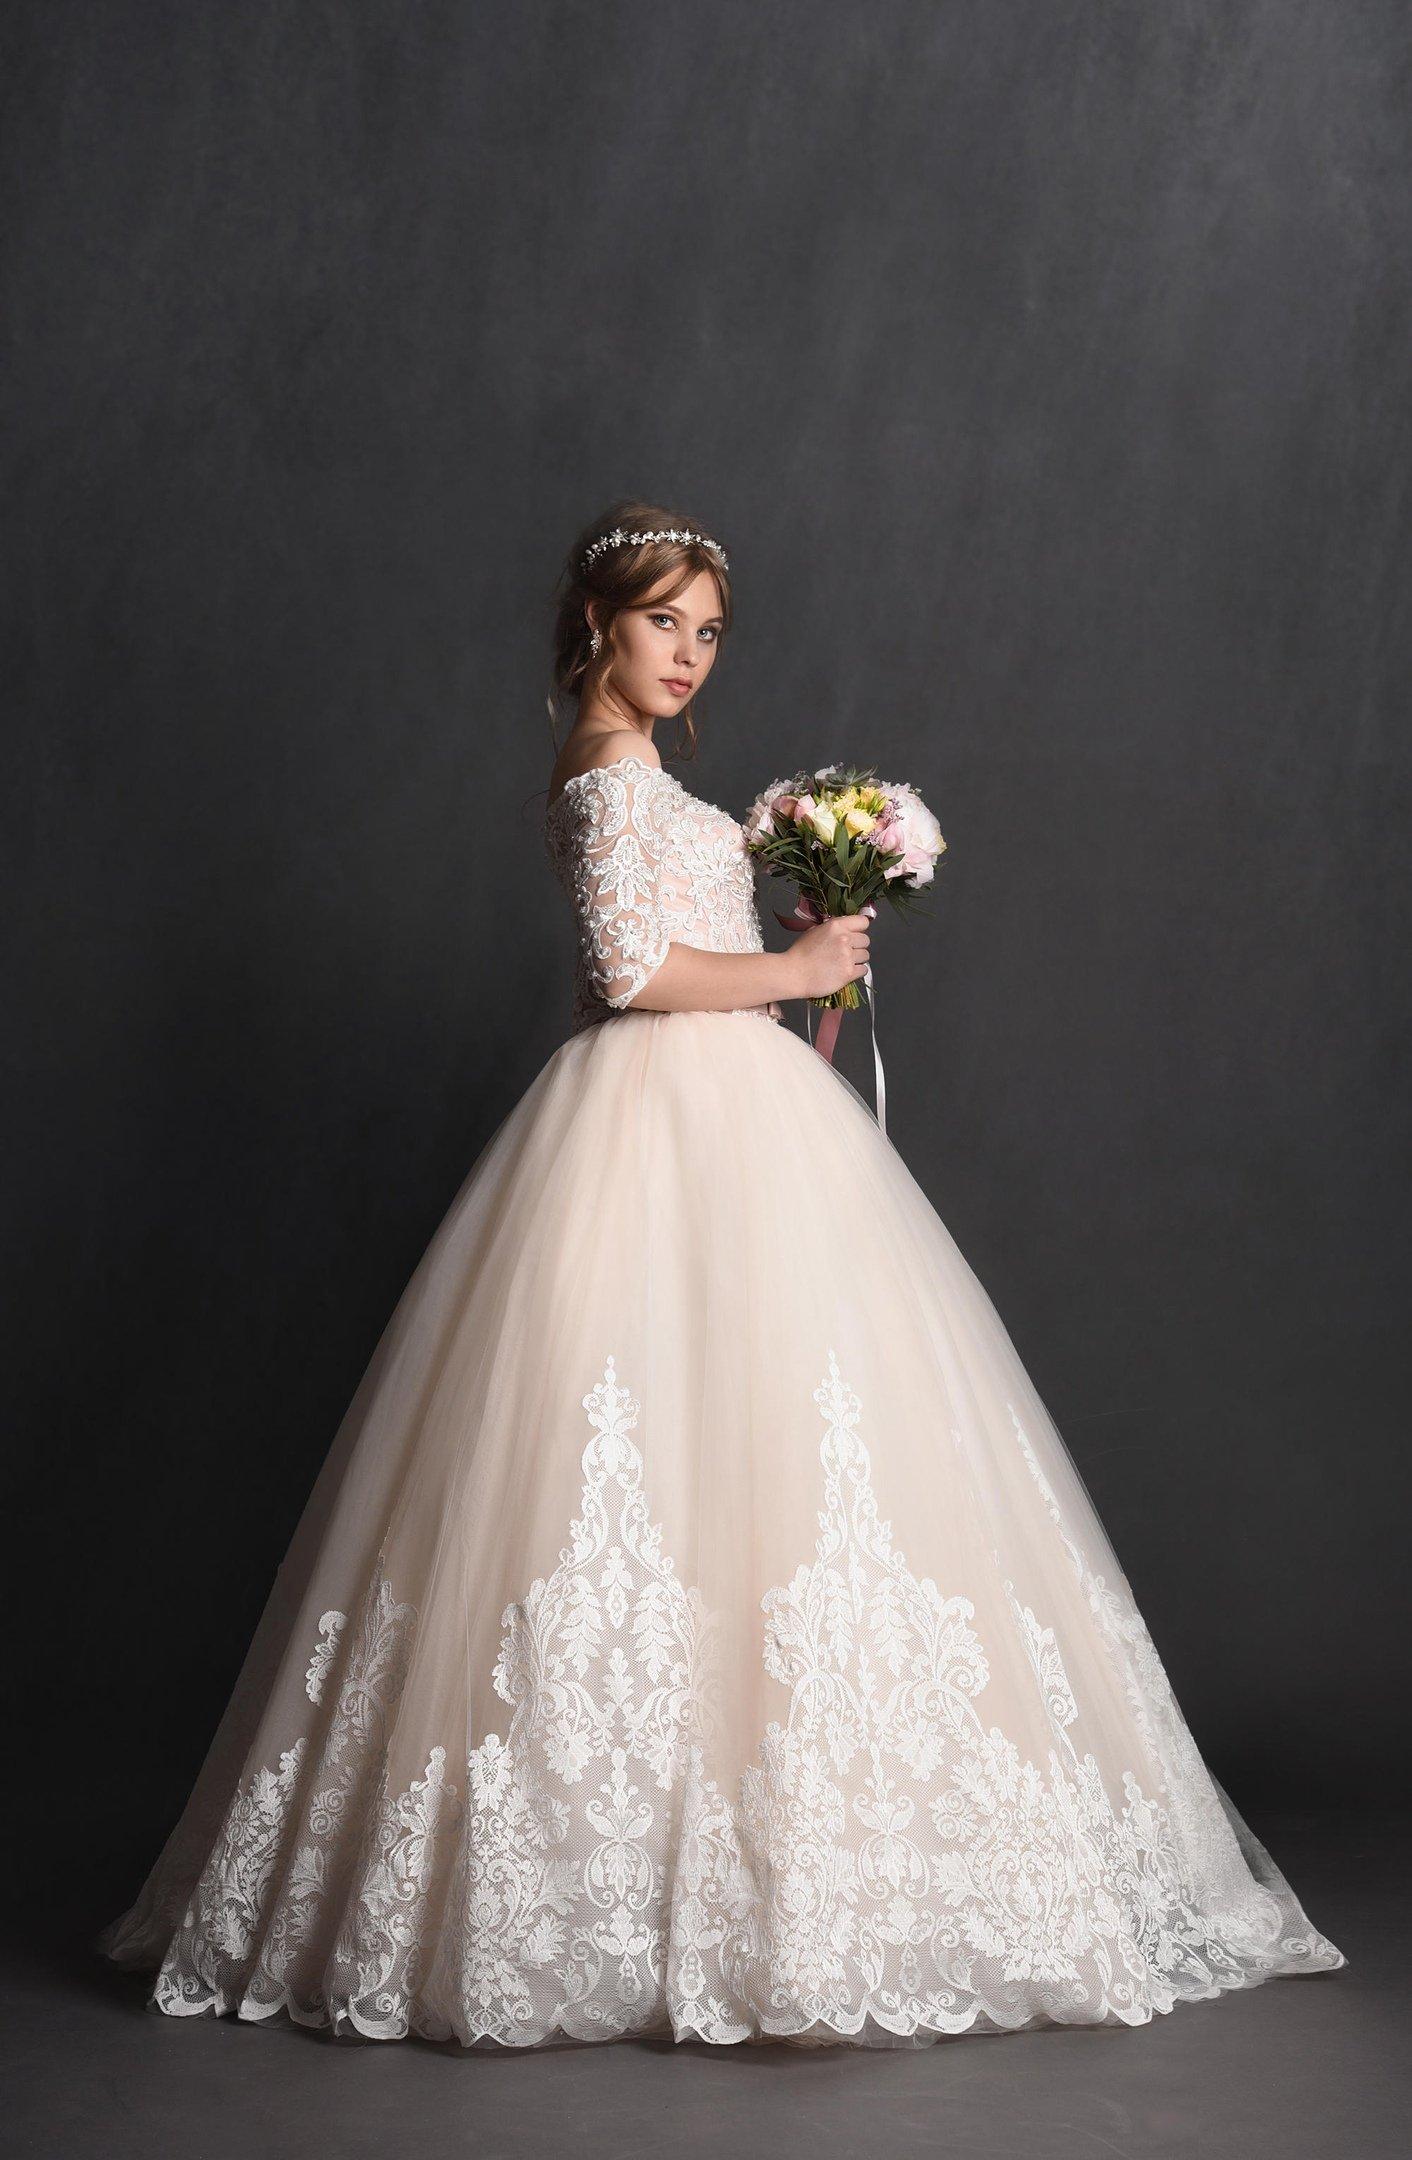 портрет, модель, студия, portrait, fashion, model, girl, wedding, bride, art, студия, studio, невеста, Olli Ogneva